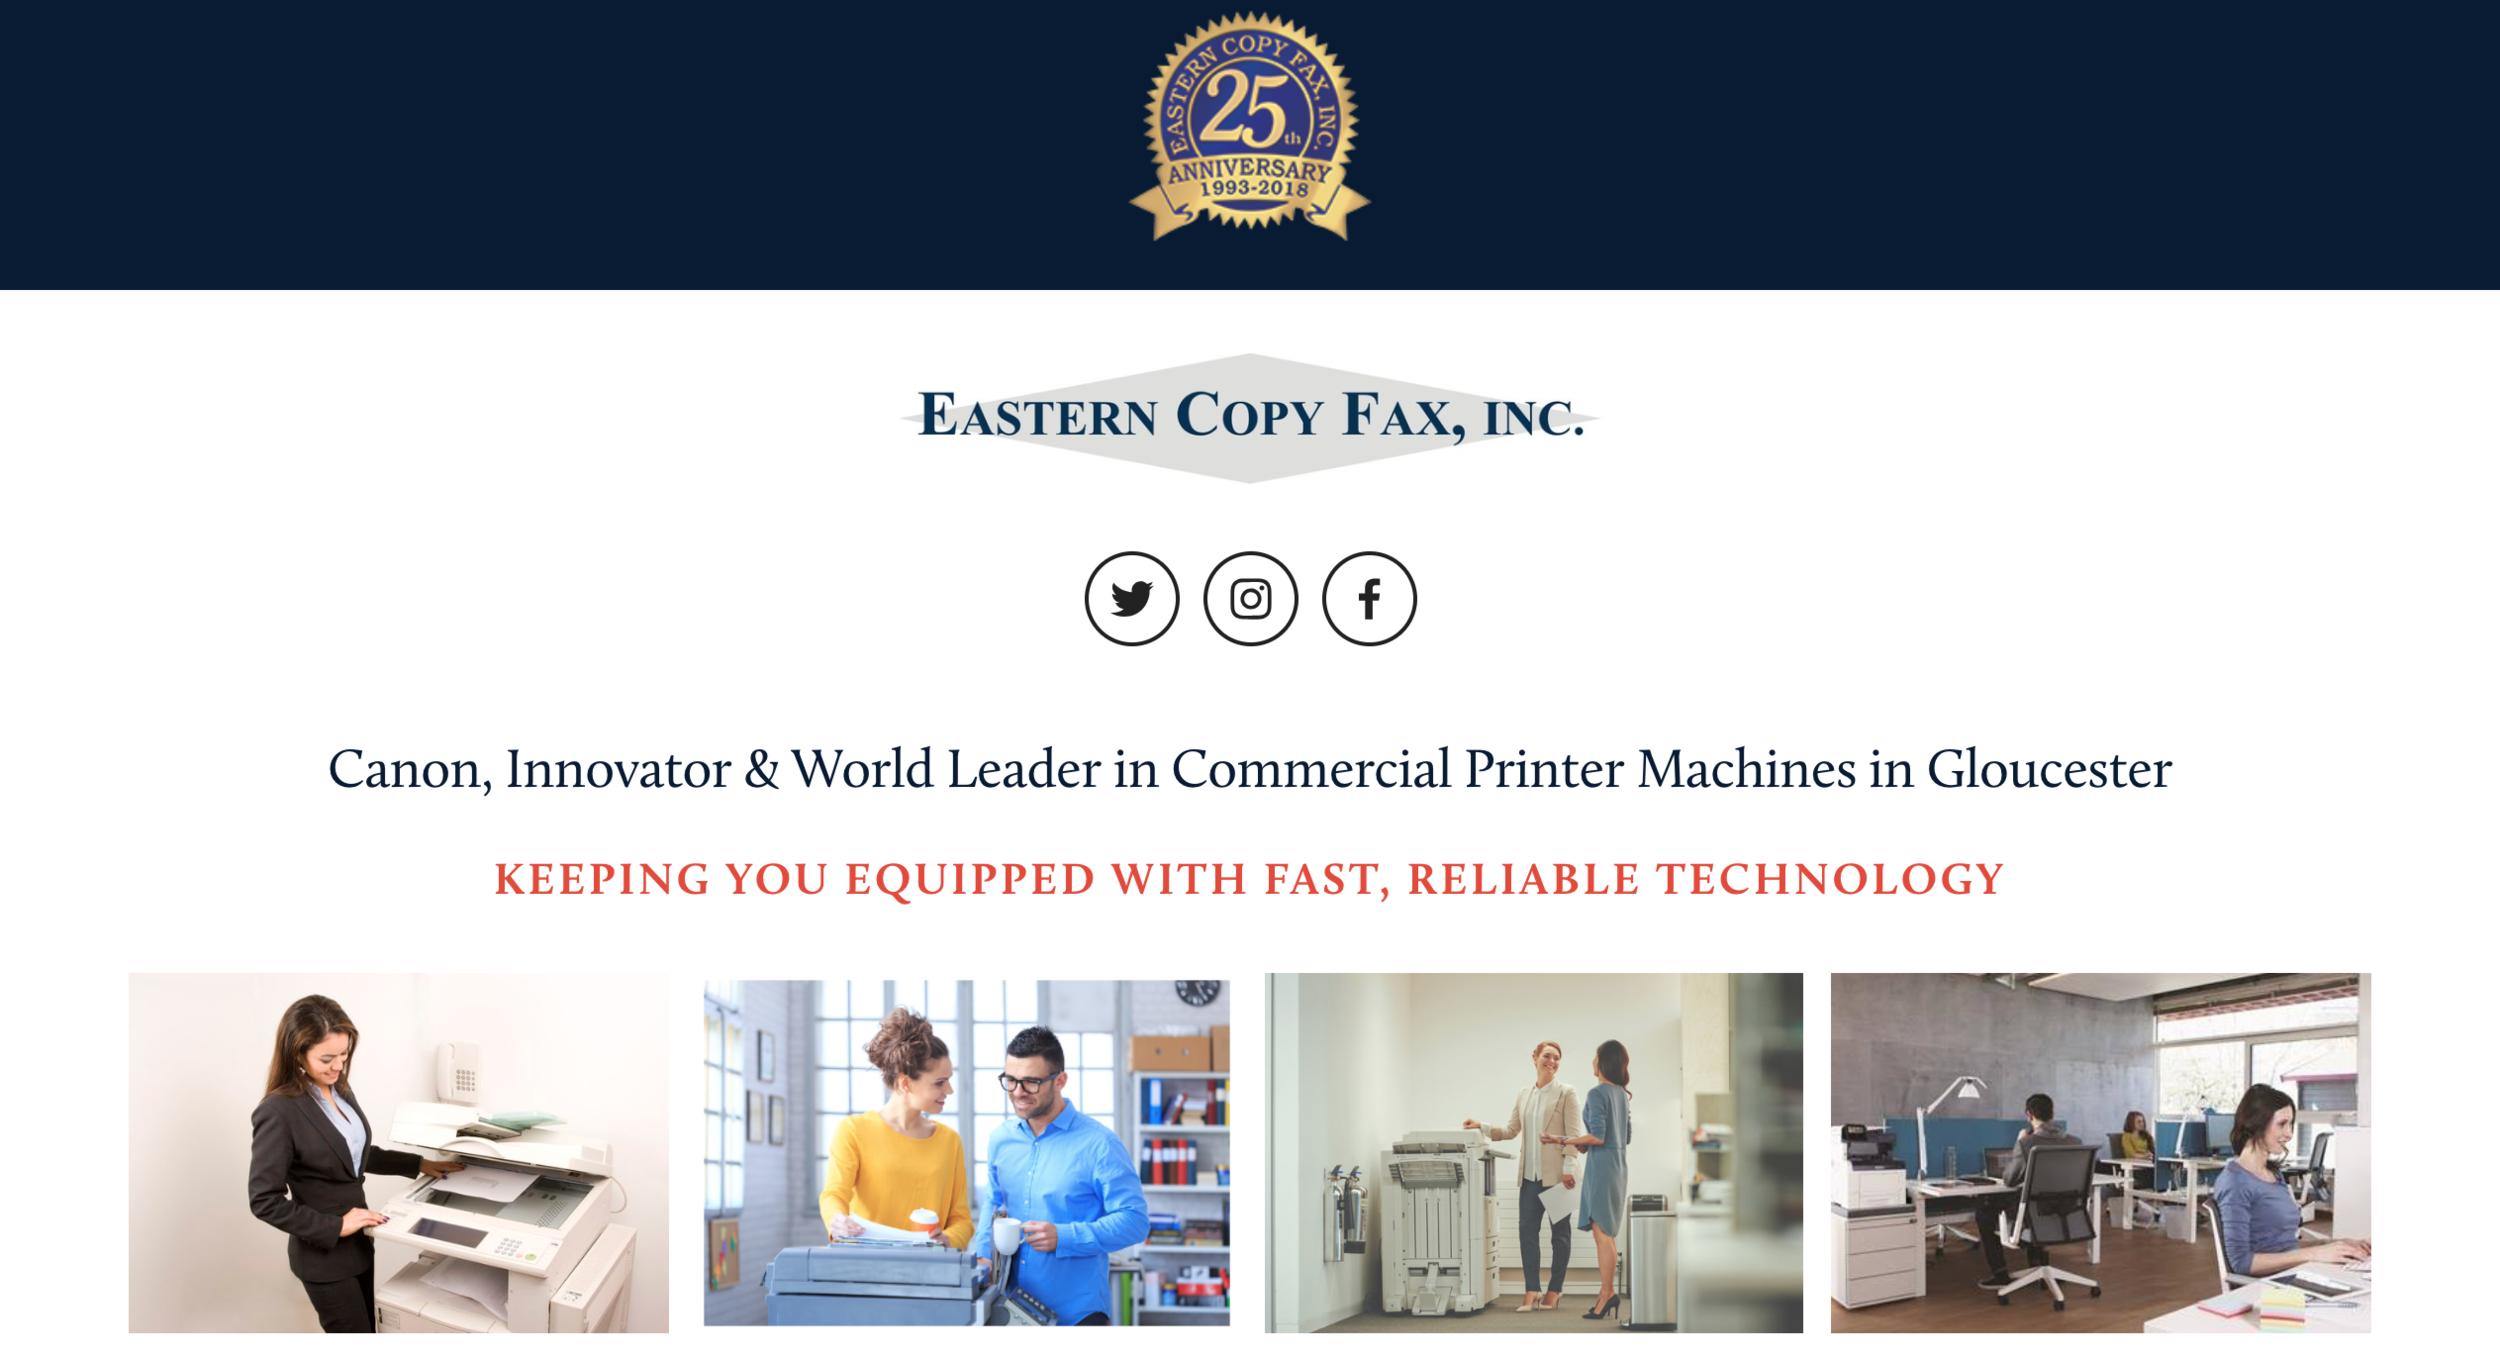 Eastern Copy Fax